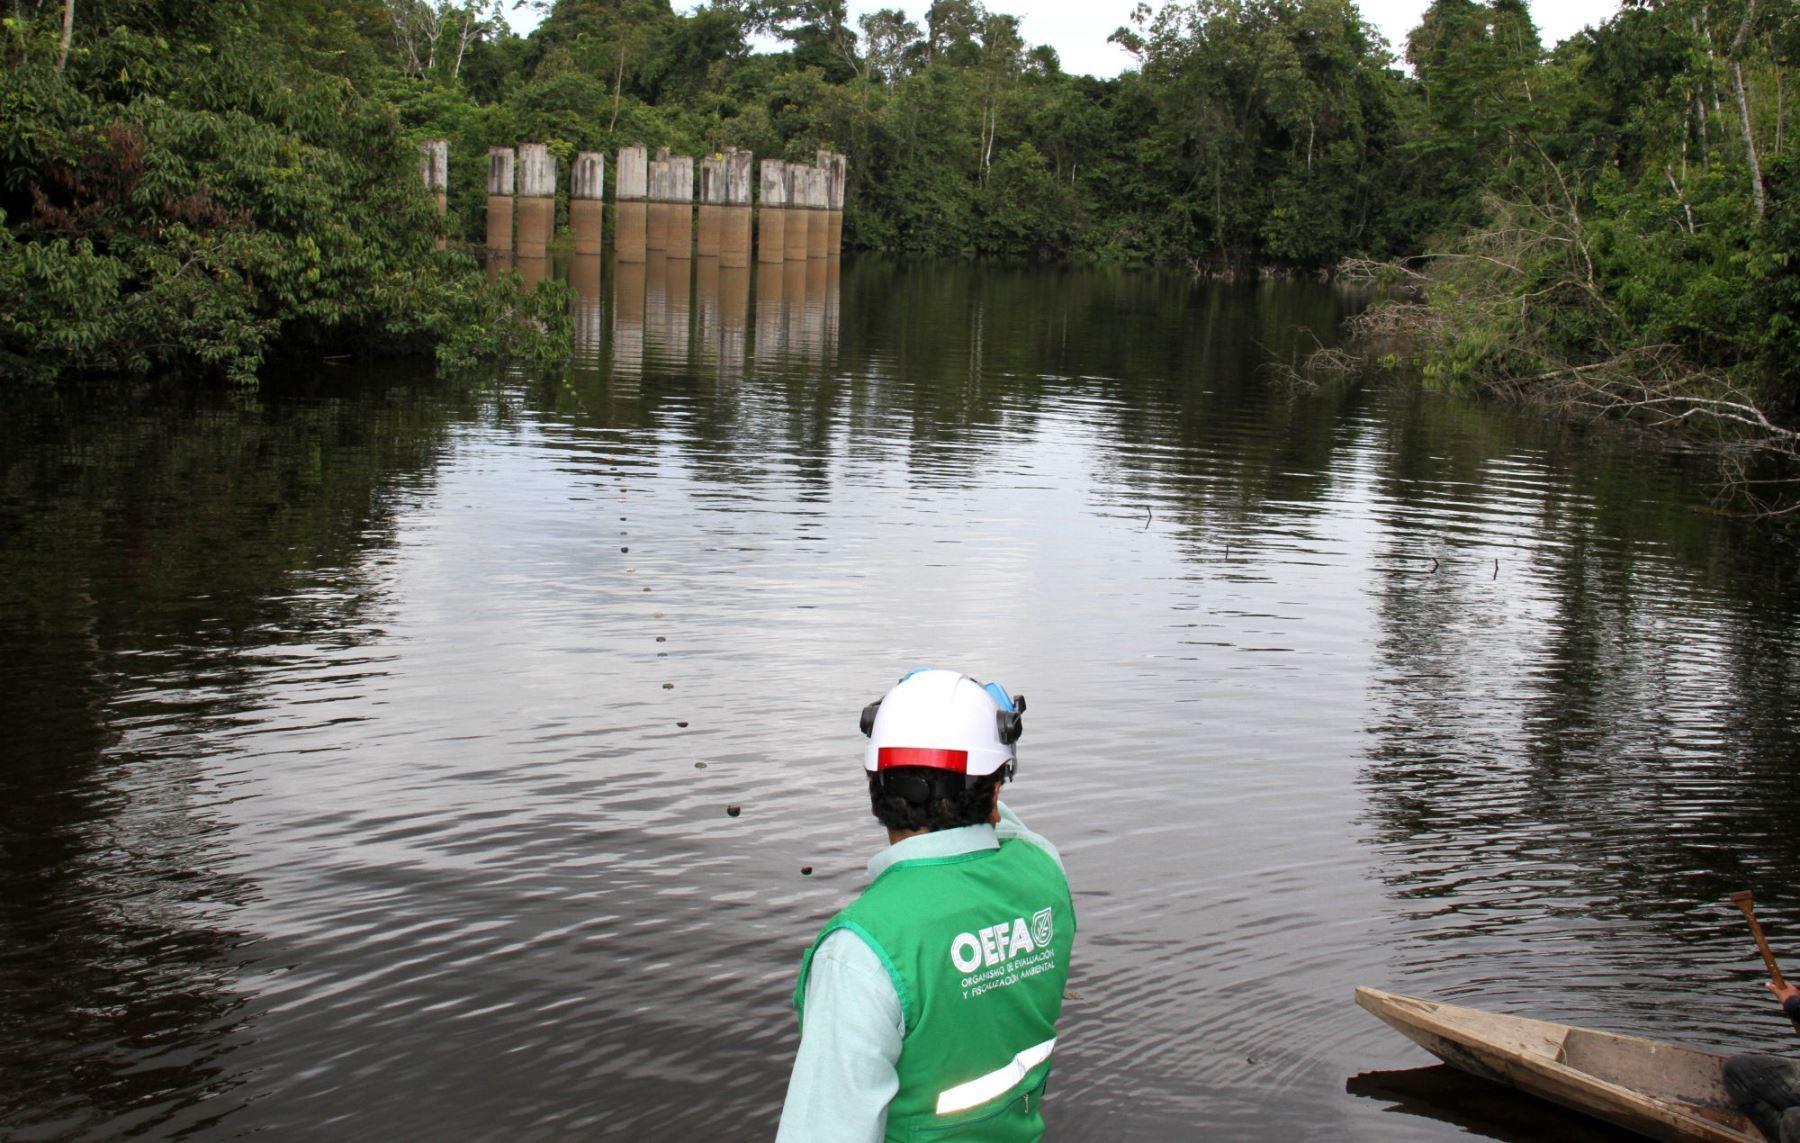 Tribunal Constitucional ordena a Petroperú compensar económicamente a comunidades afectadas por derrame de Cuninico